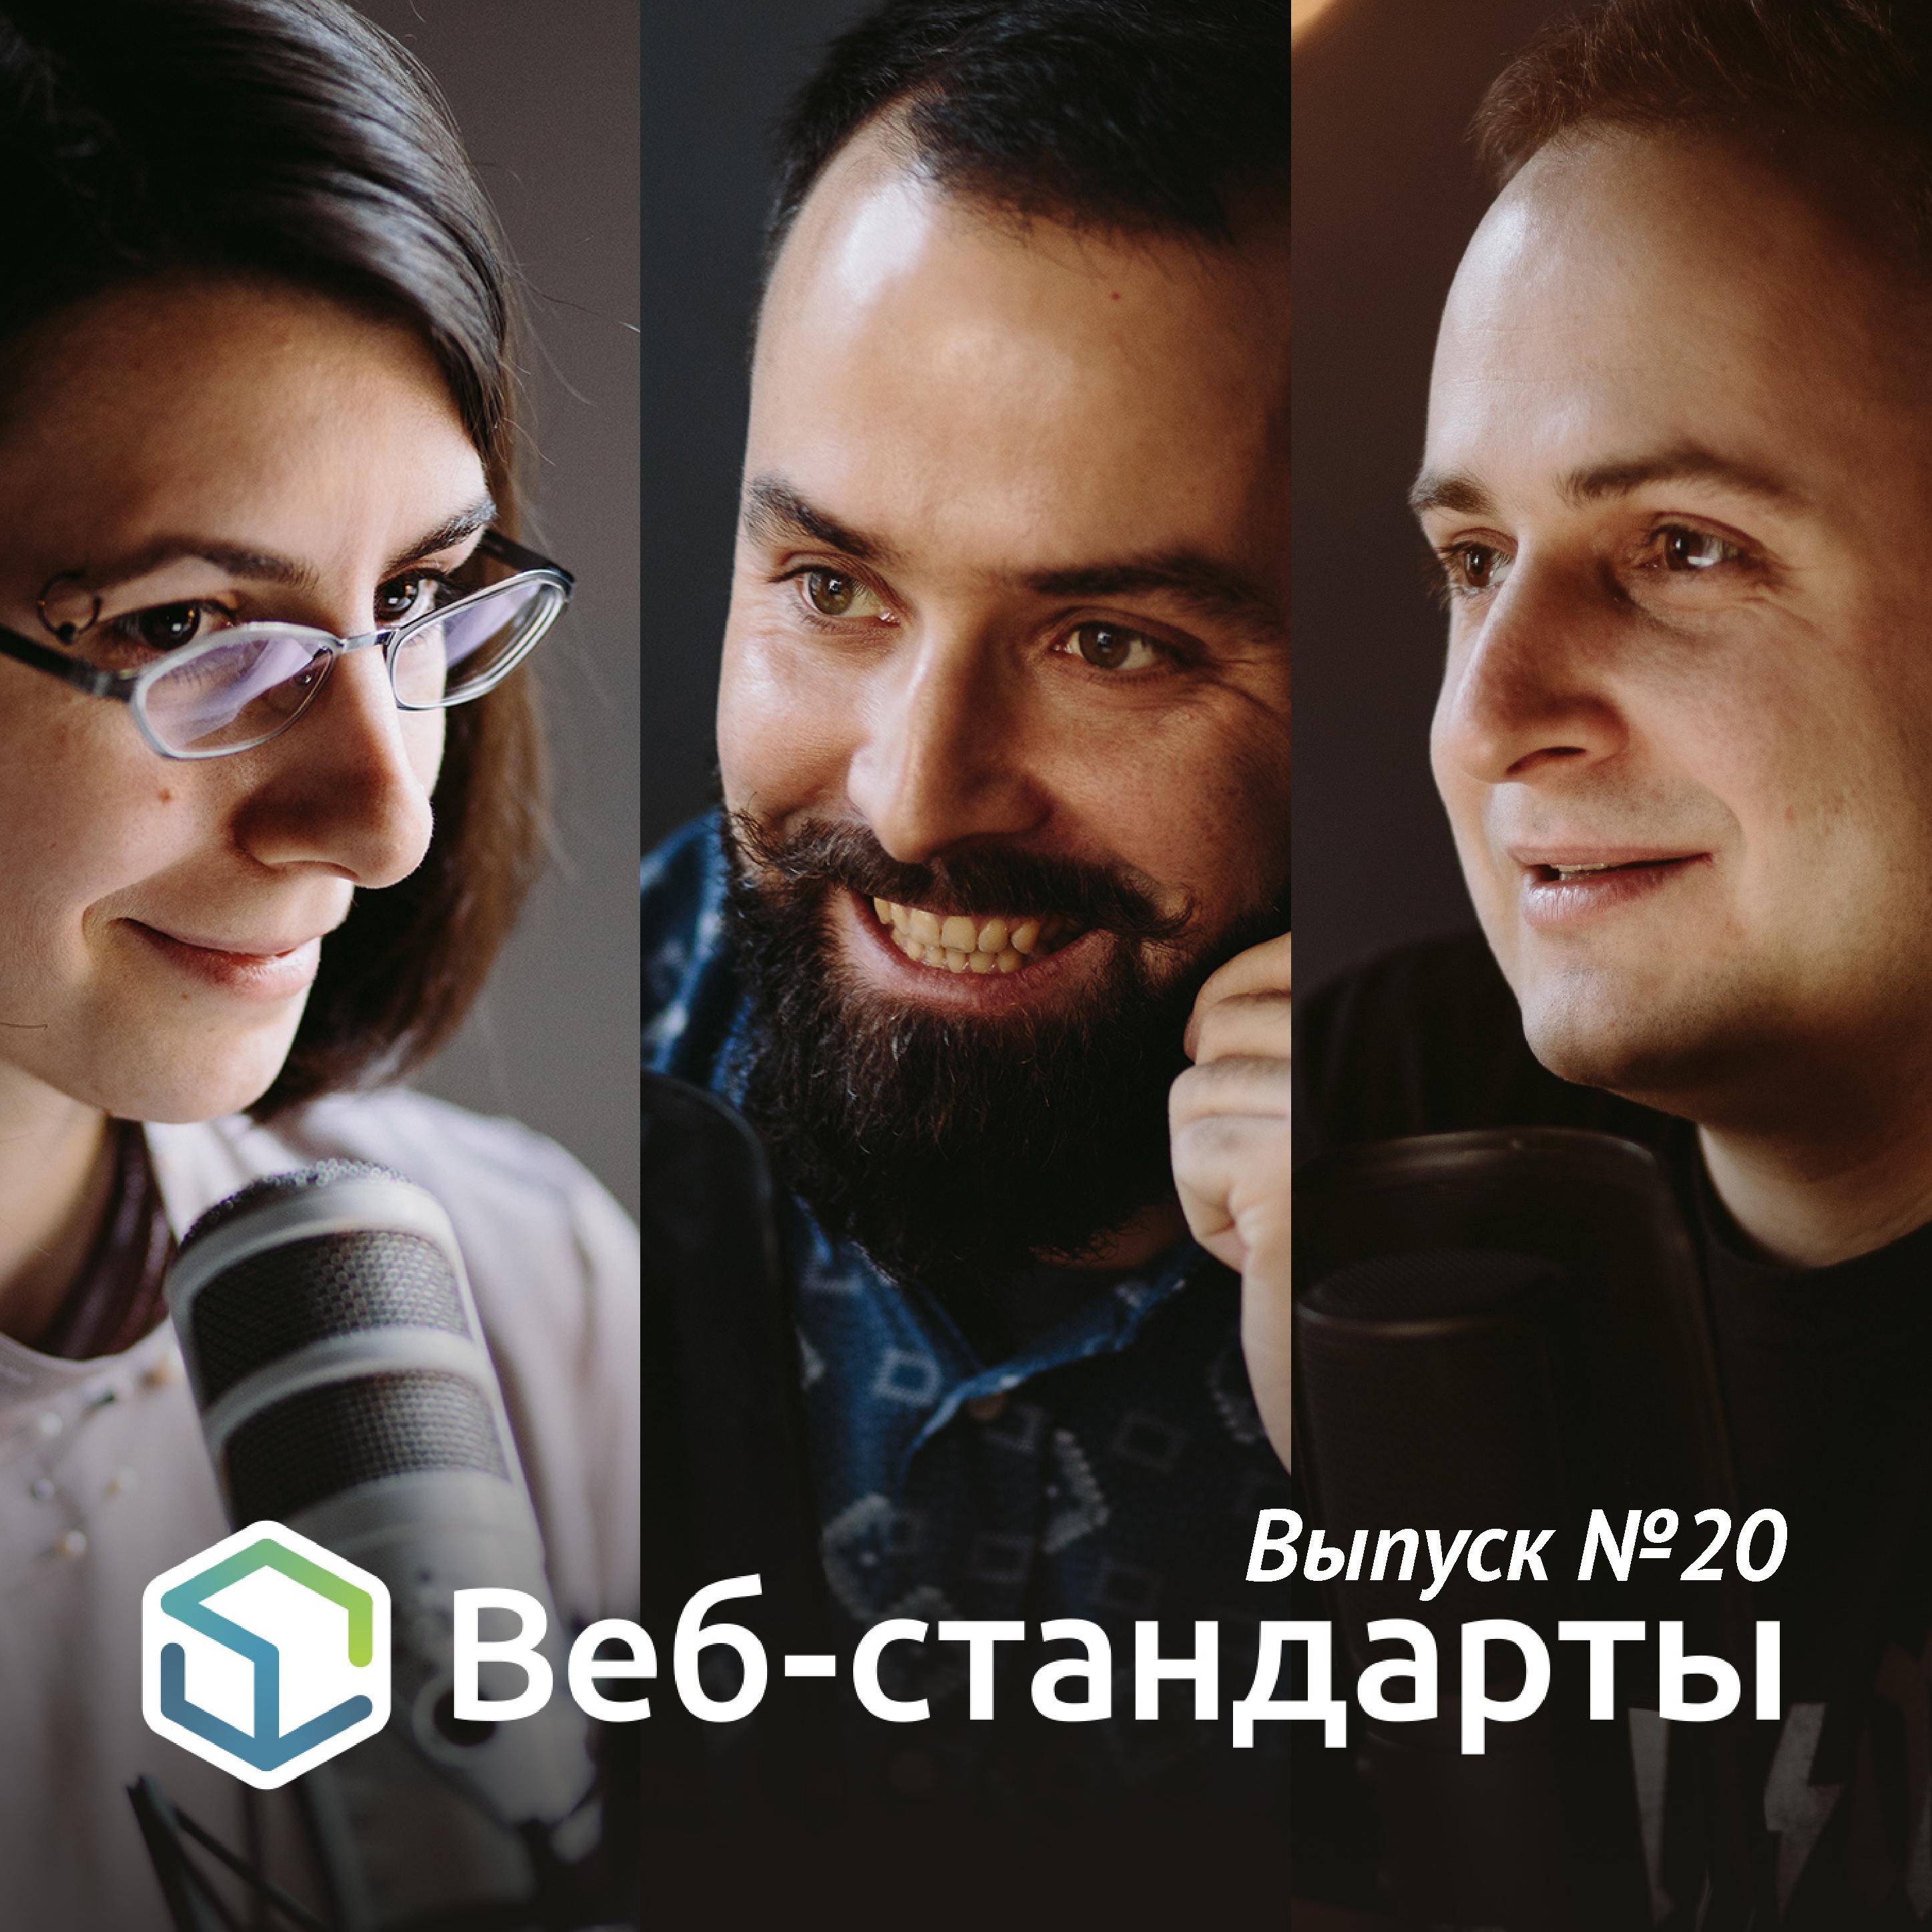 Алексей Симоненко Выпуск №20 алексей симоненко выпуск 47